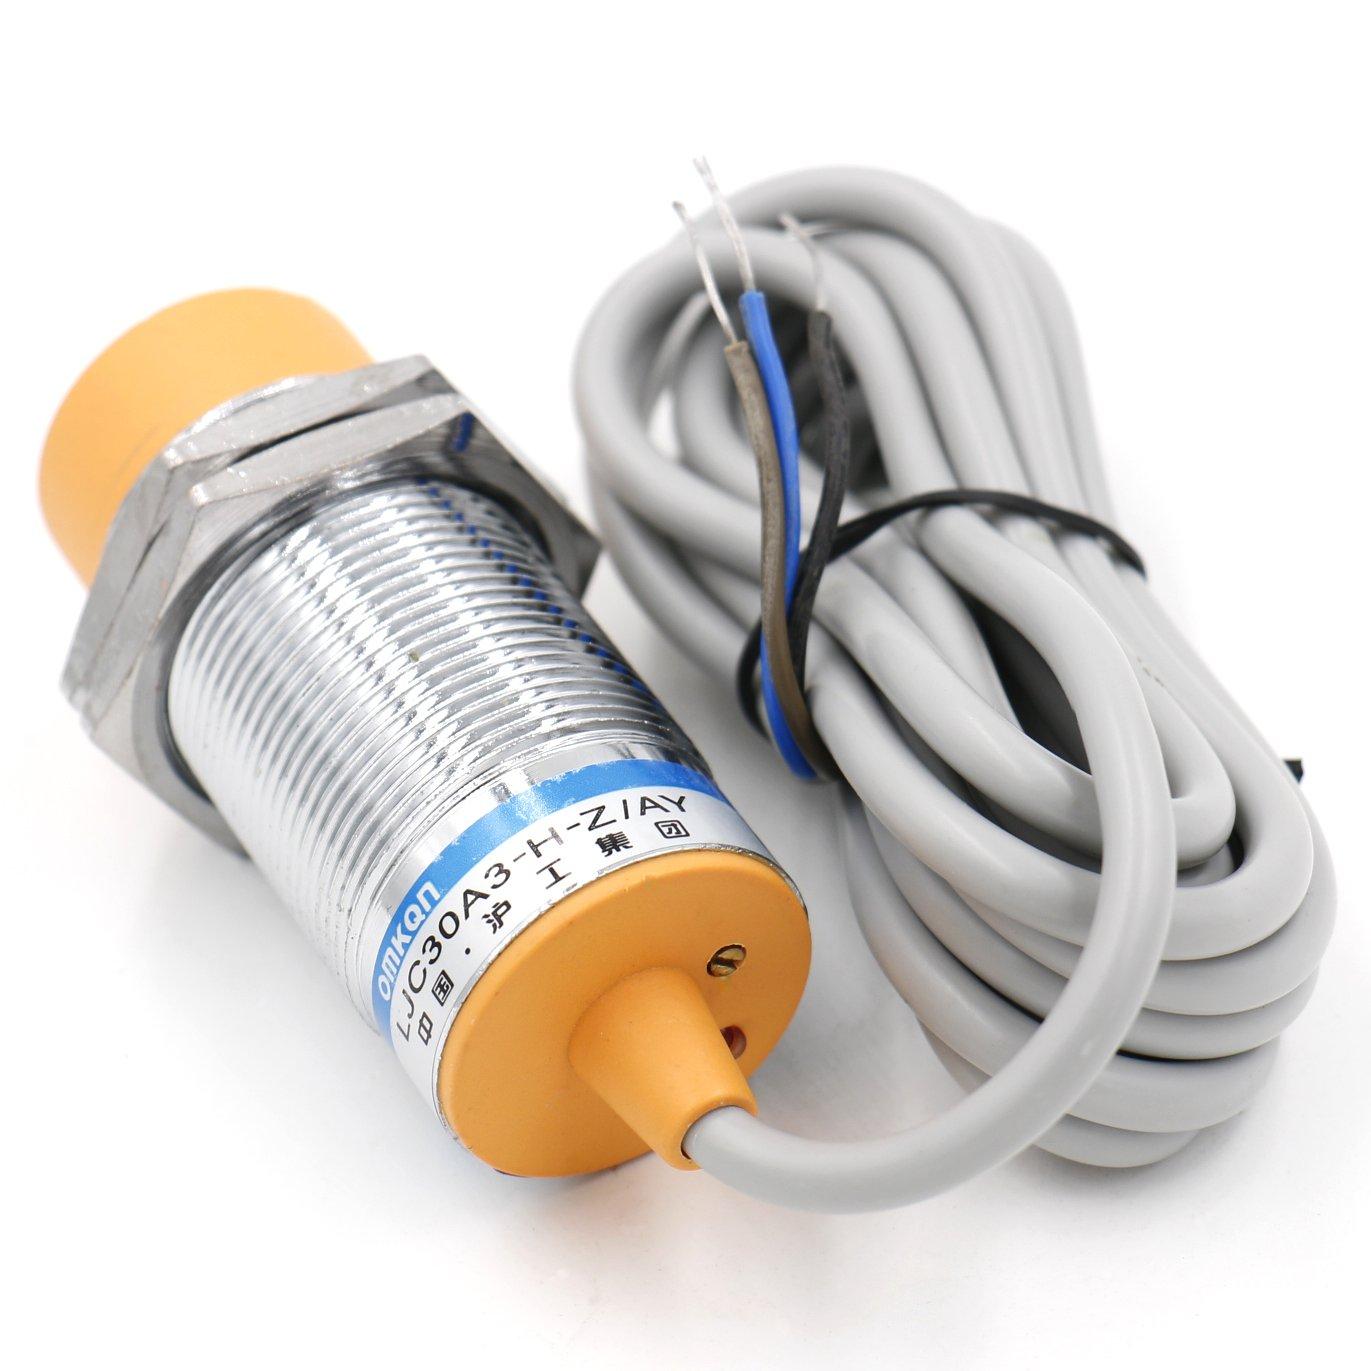 heschen capacitiva Sensor de proximidad Interruptor Detector de ljc30 a3-h-z/Ay 1 - 25 mm 6 - 36 VDC 300 mA PNP Normalmente cerrado (NC) 3 alambre: ...